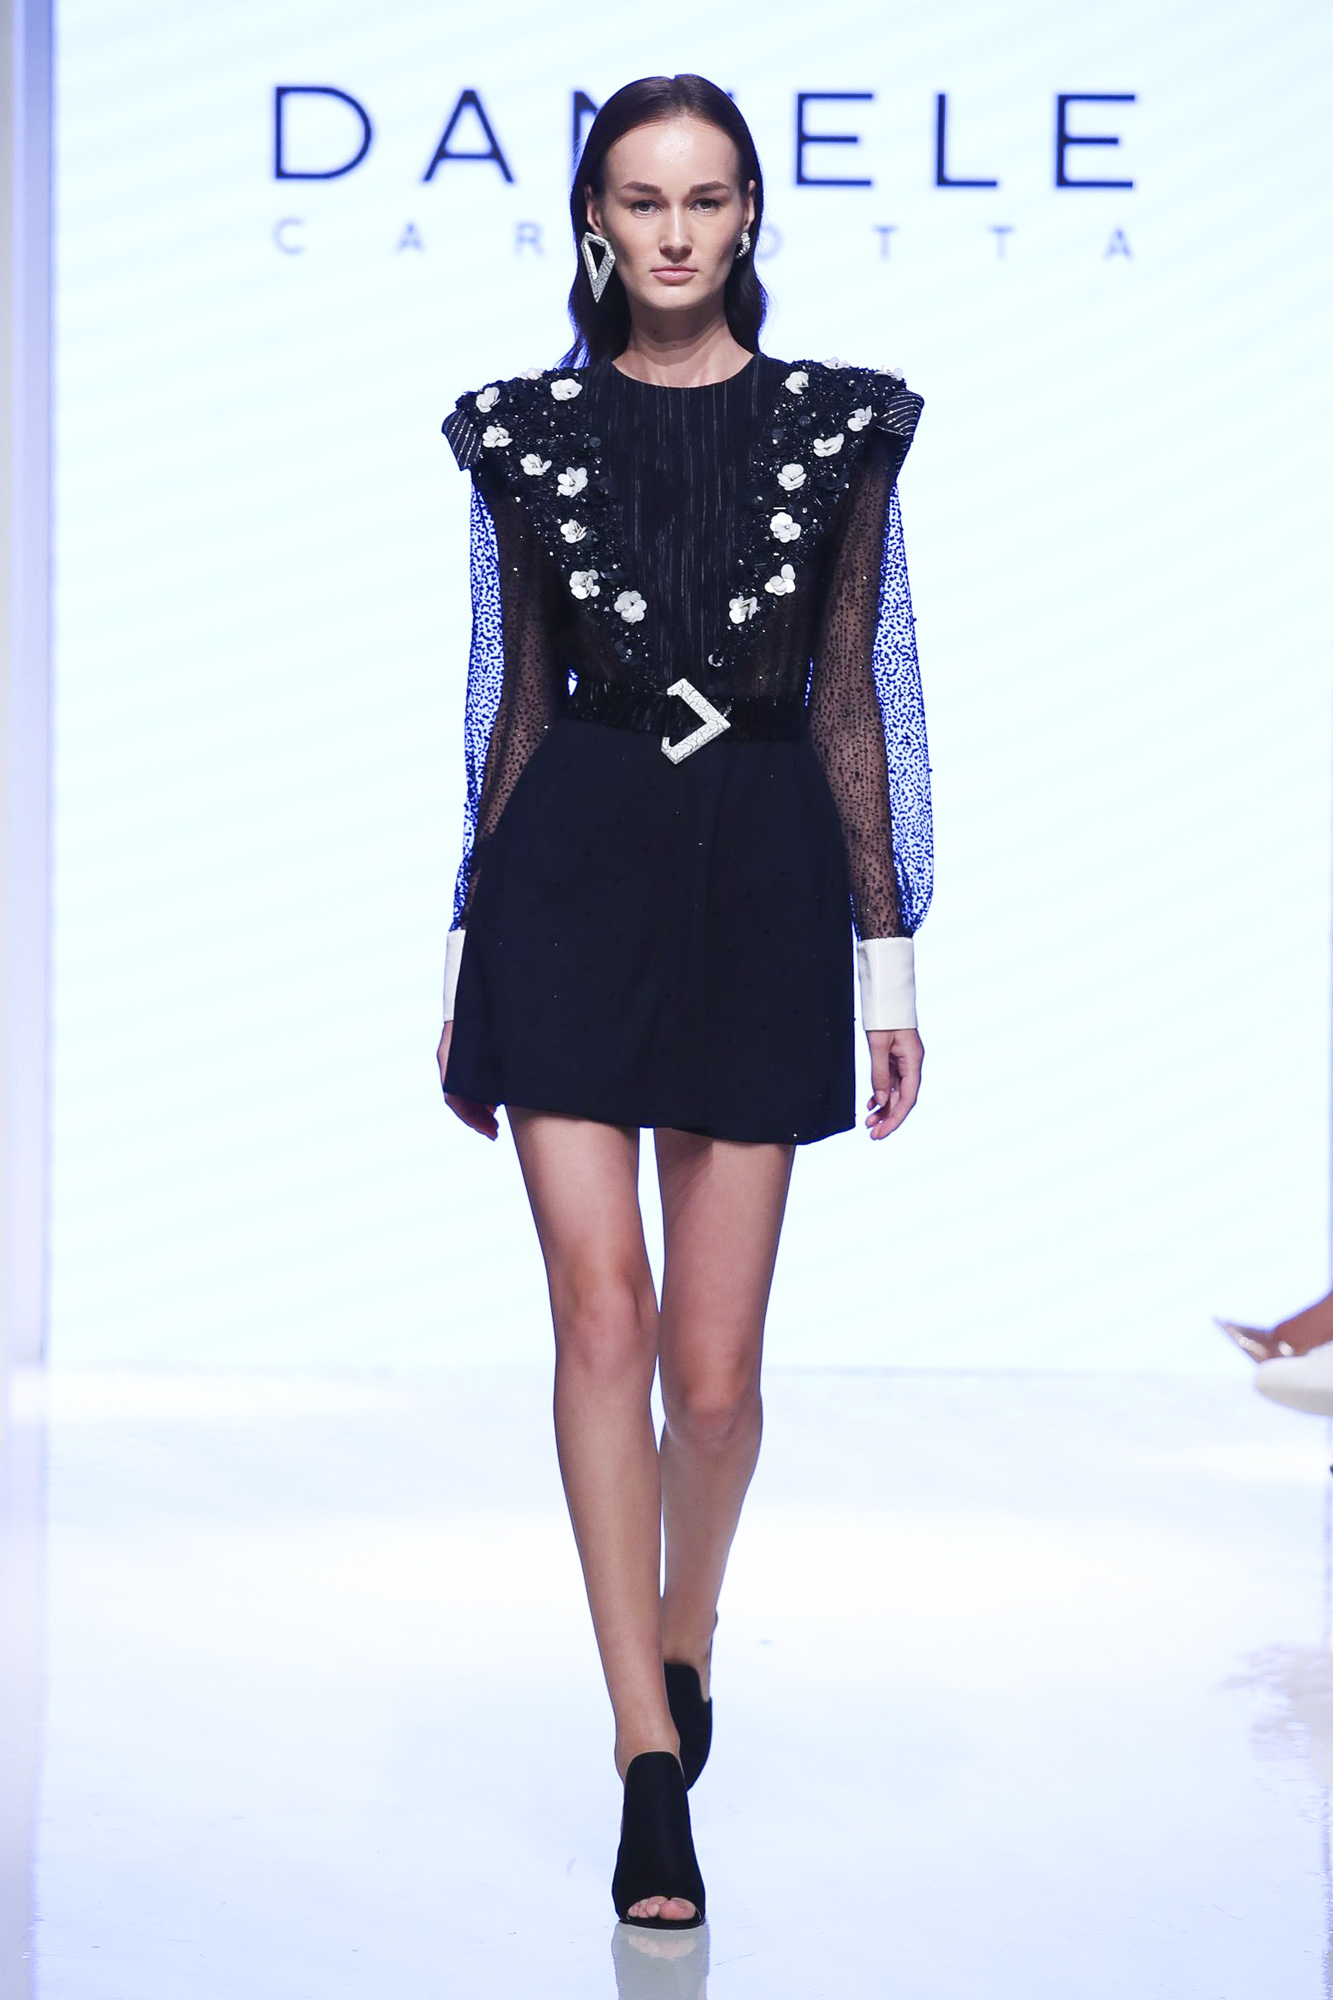 Daniele Carlotta fashion show, Arab Fashion Week collection Spring Summer 2020 in Dubai